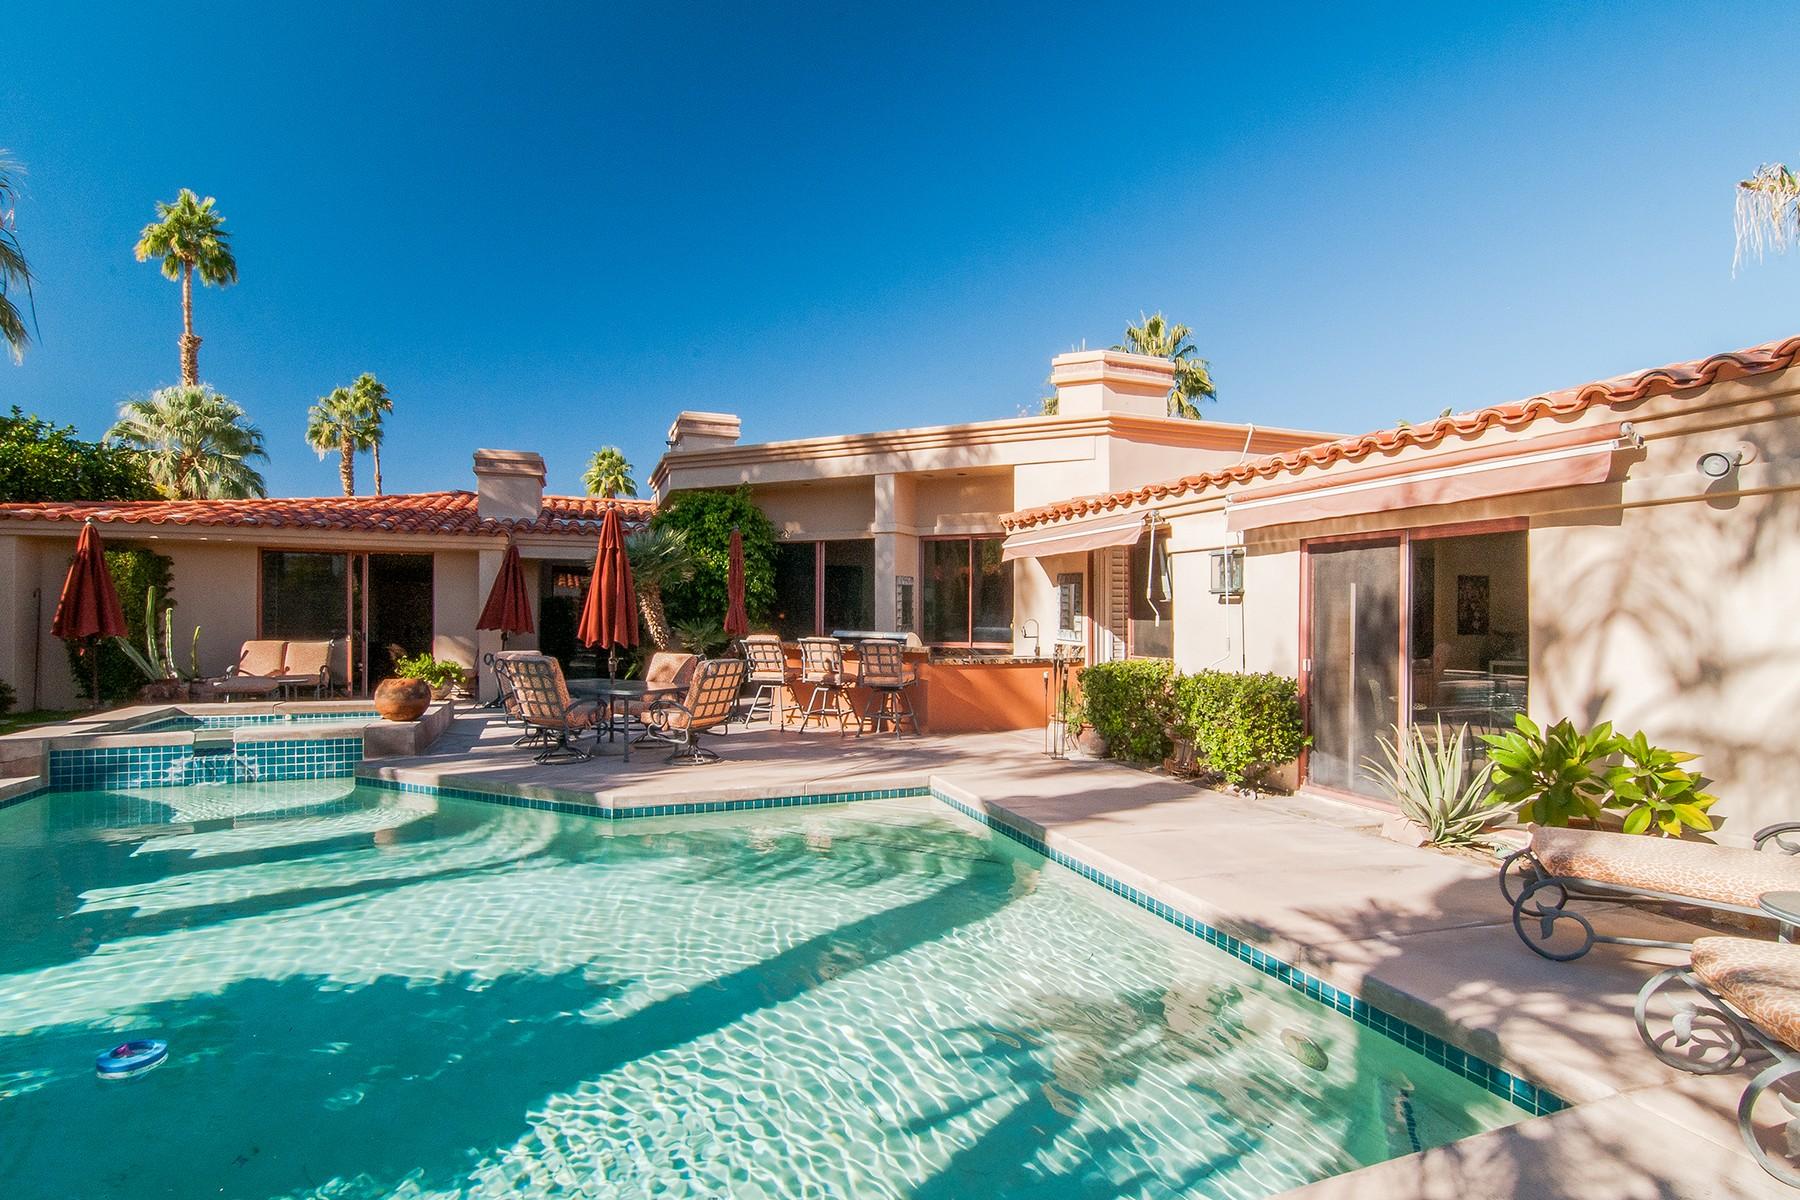 Villa per Vendita alle ore 74837 South Cove Drive Indian Wells, California, 92210 Stati Uniti